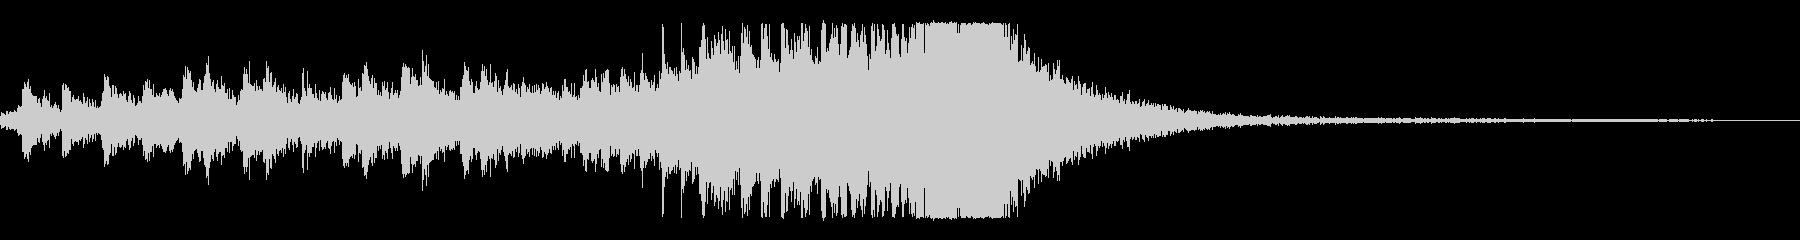 スティンガー-終わりにパーカッシブ...の未再生の波形